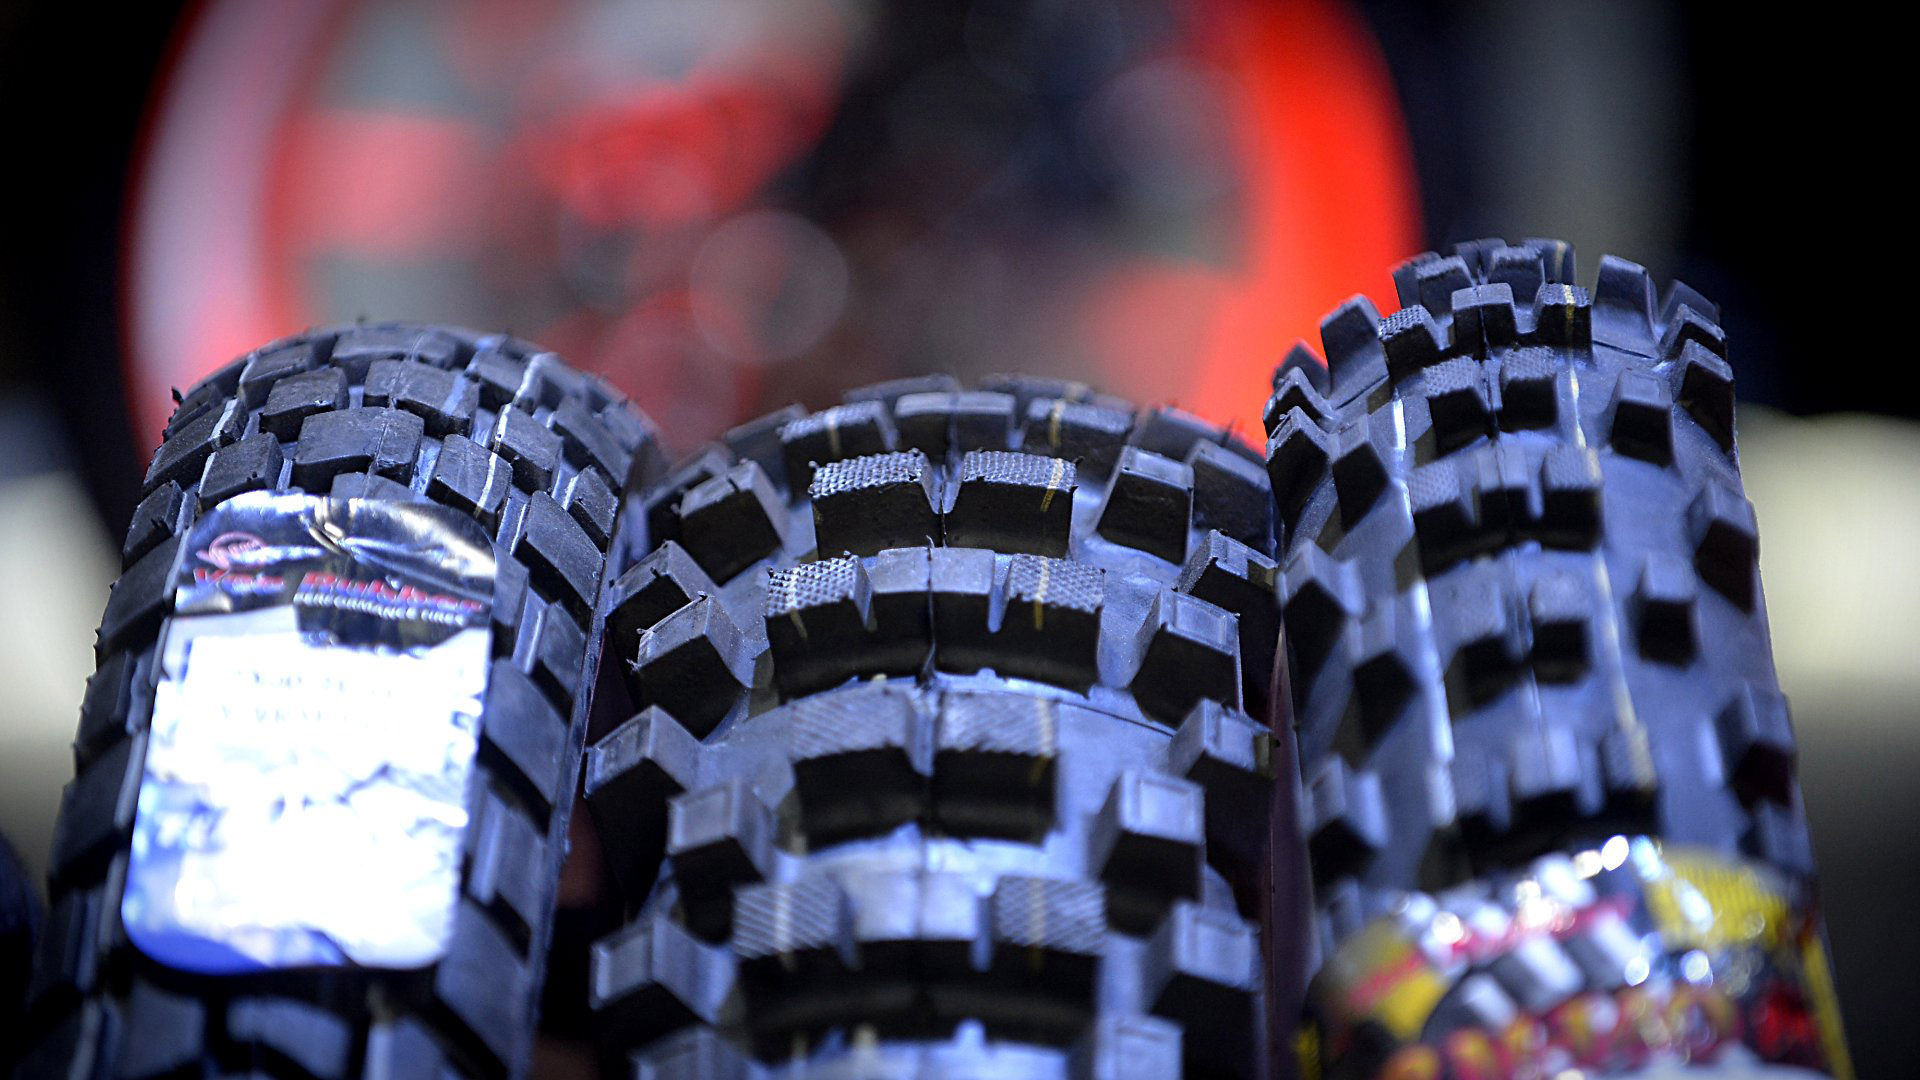 Además de los fabricantes de motos, participan empresas de rubros relacionados: hay tanto stands de seguridad vial como empresas de seguros y marcas de lubricantes, frenos, baterías, neumáticos, entre otros